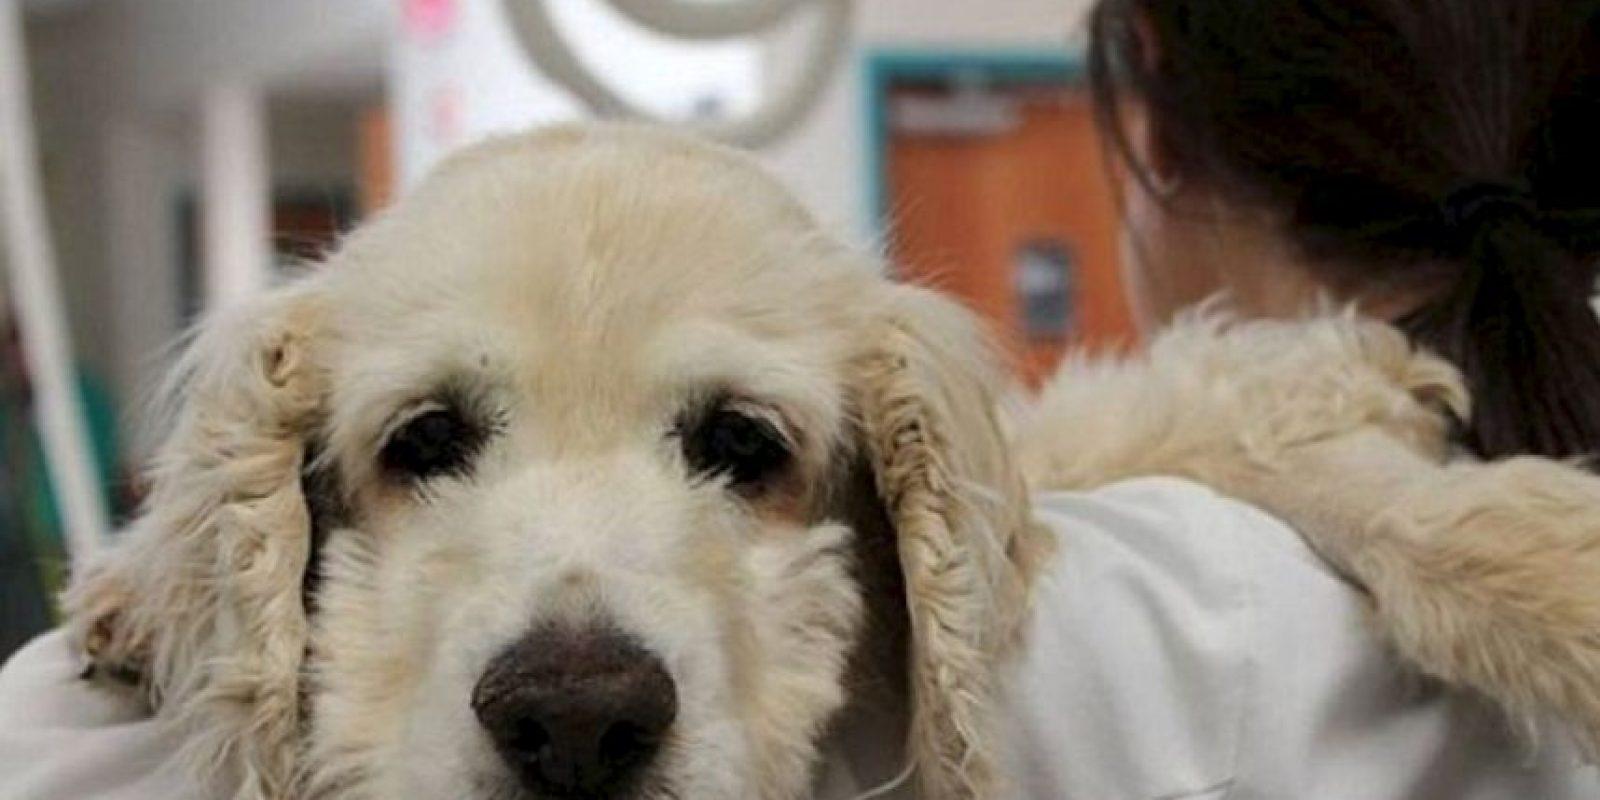 Fueron a la cárcel por seis meses y tuvieron que pagar una multa para rehabilitar al perro, al que ahora cuida otra familia. Foto:vía Facebook